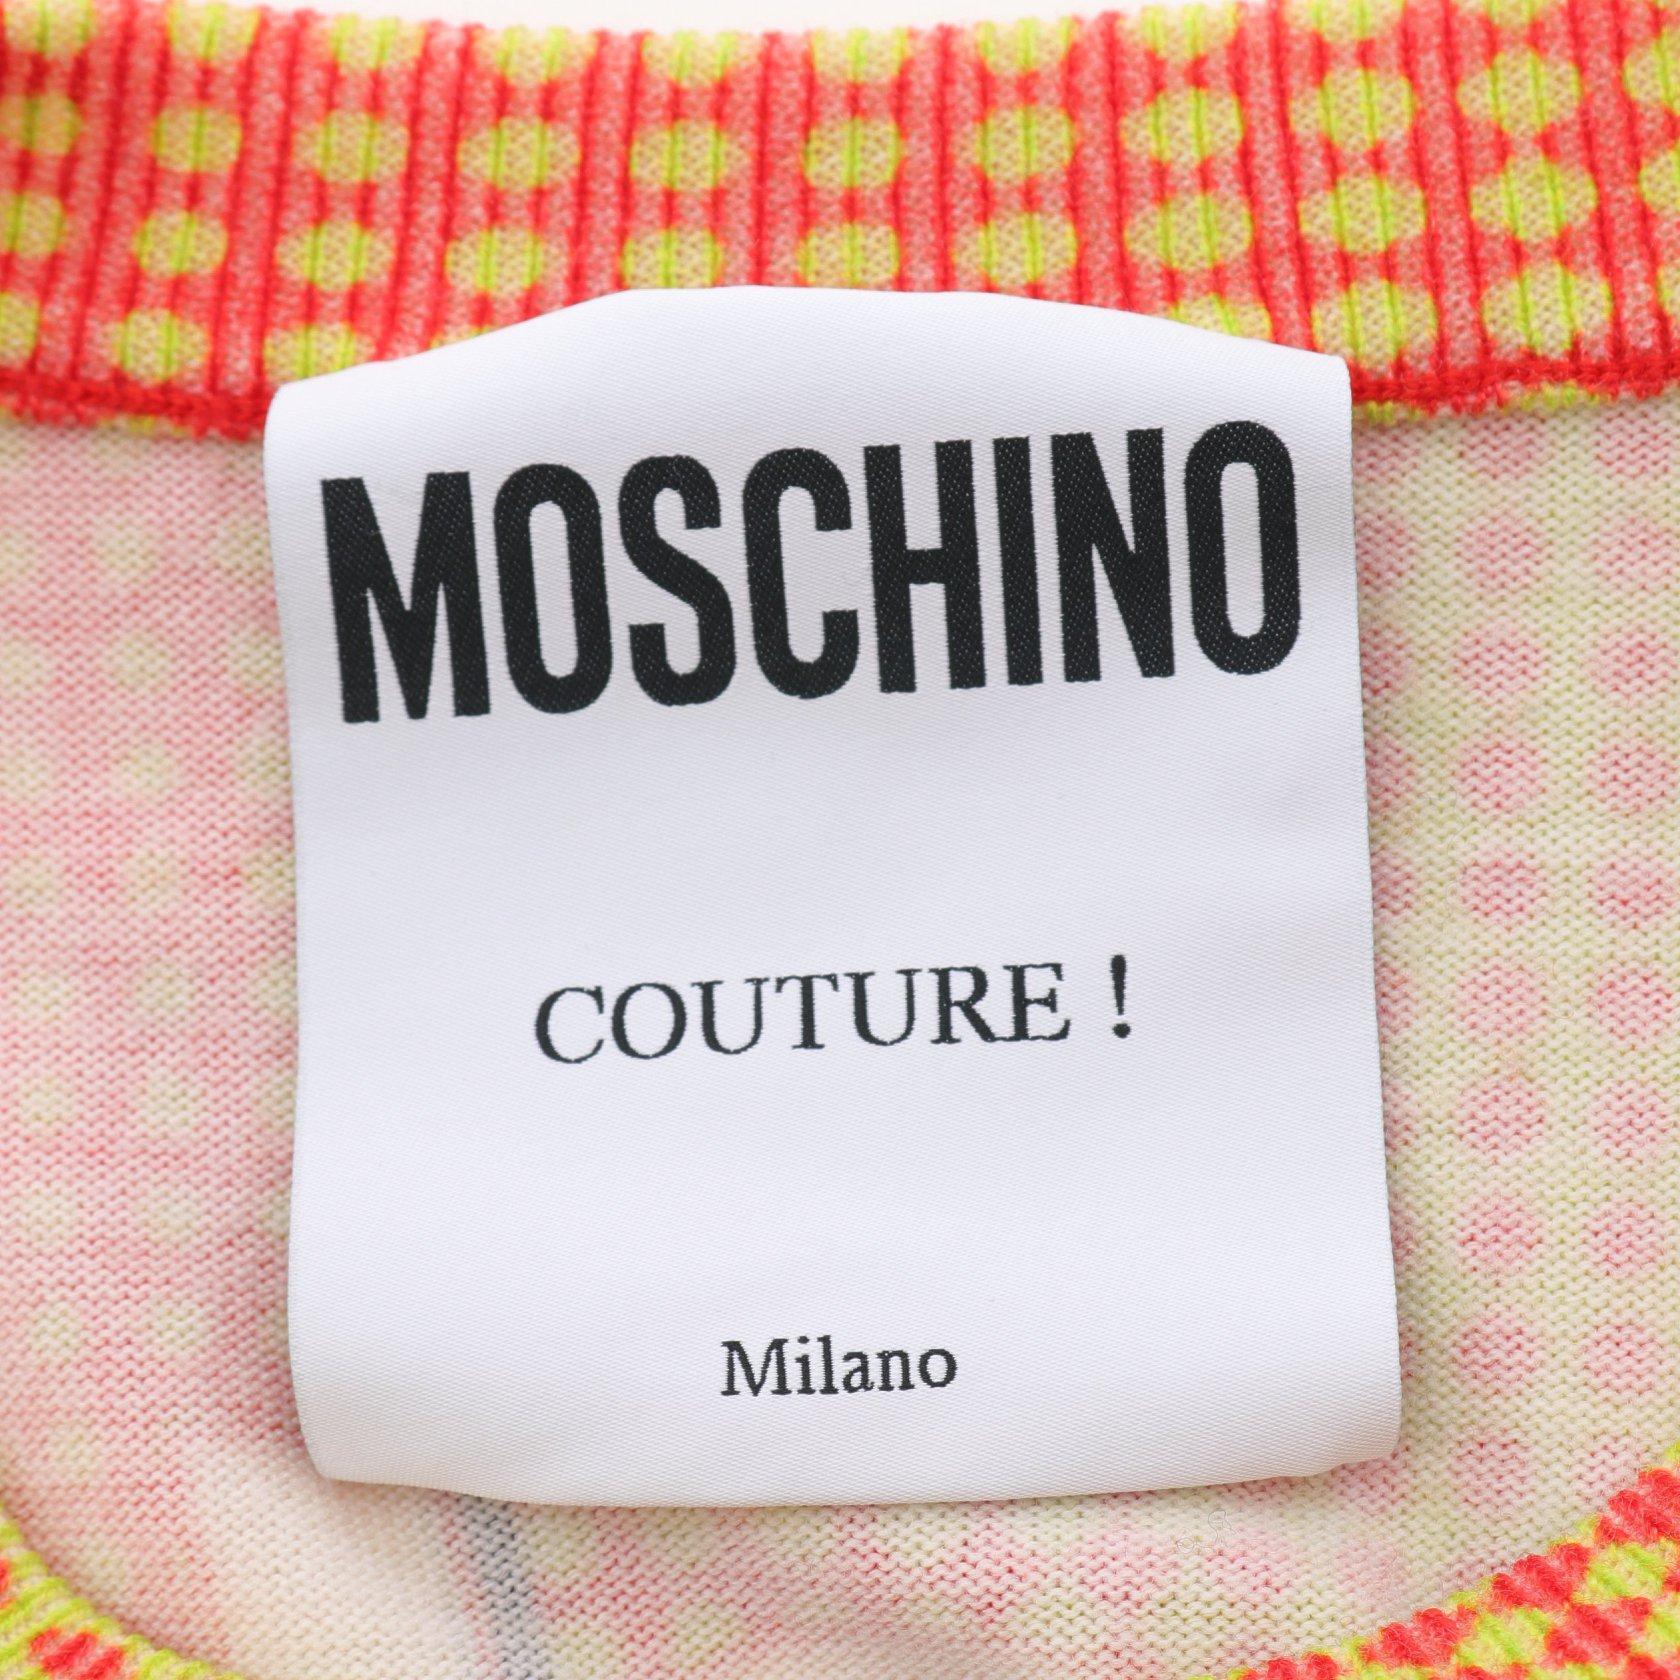 MOSCHINO・トップス・ ニット 総柄 ウール マルチカラー